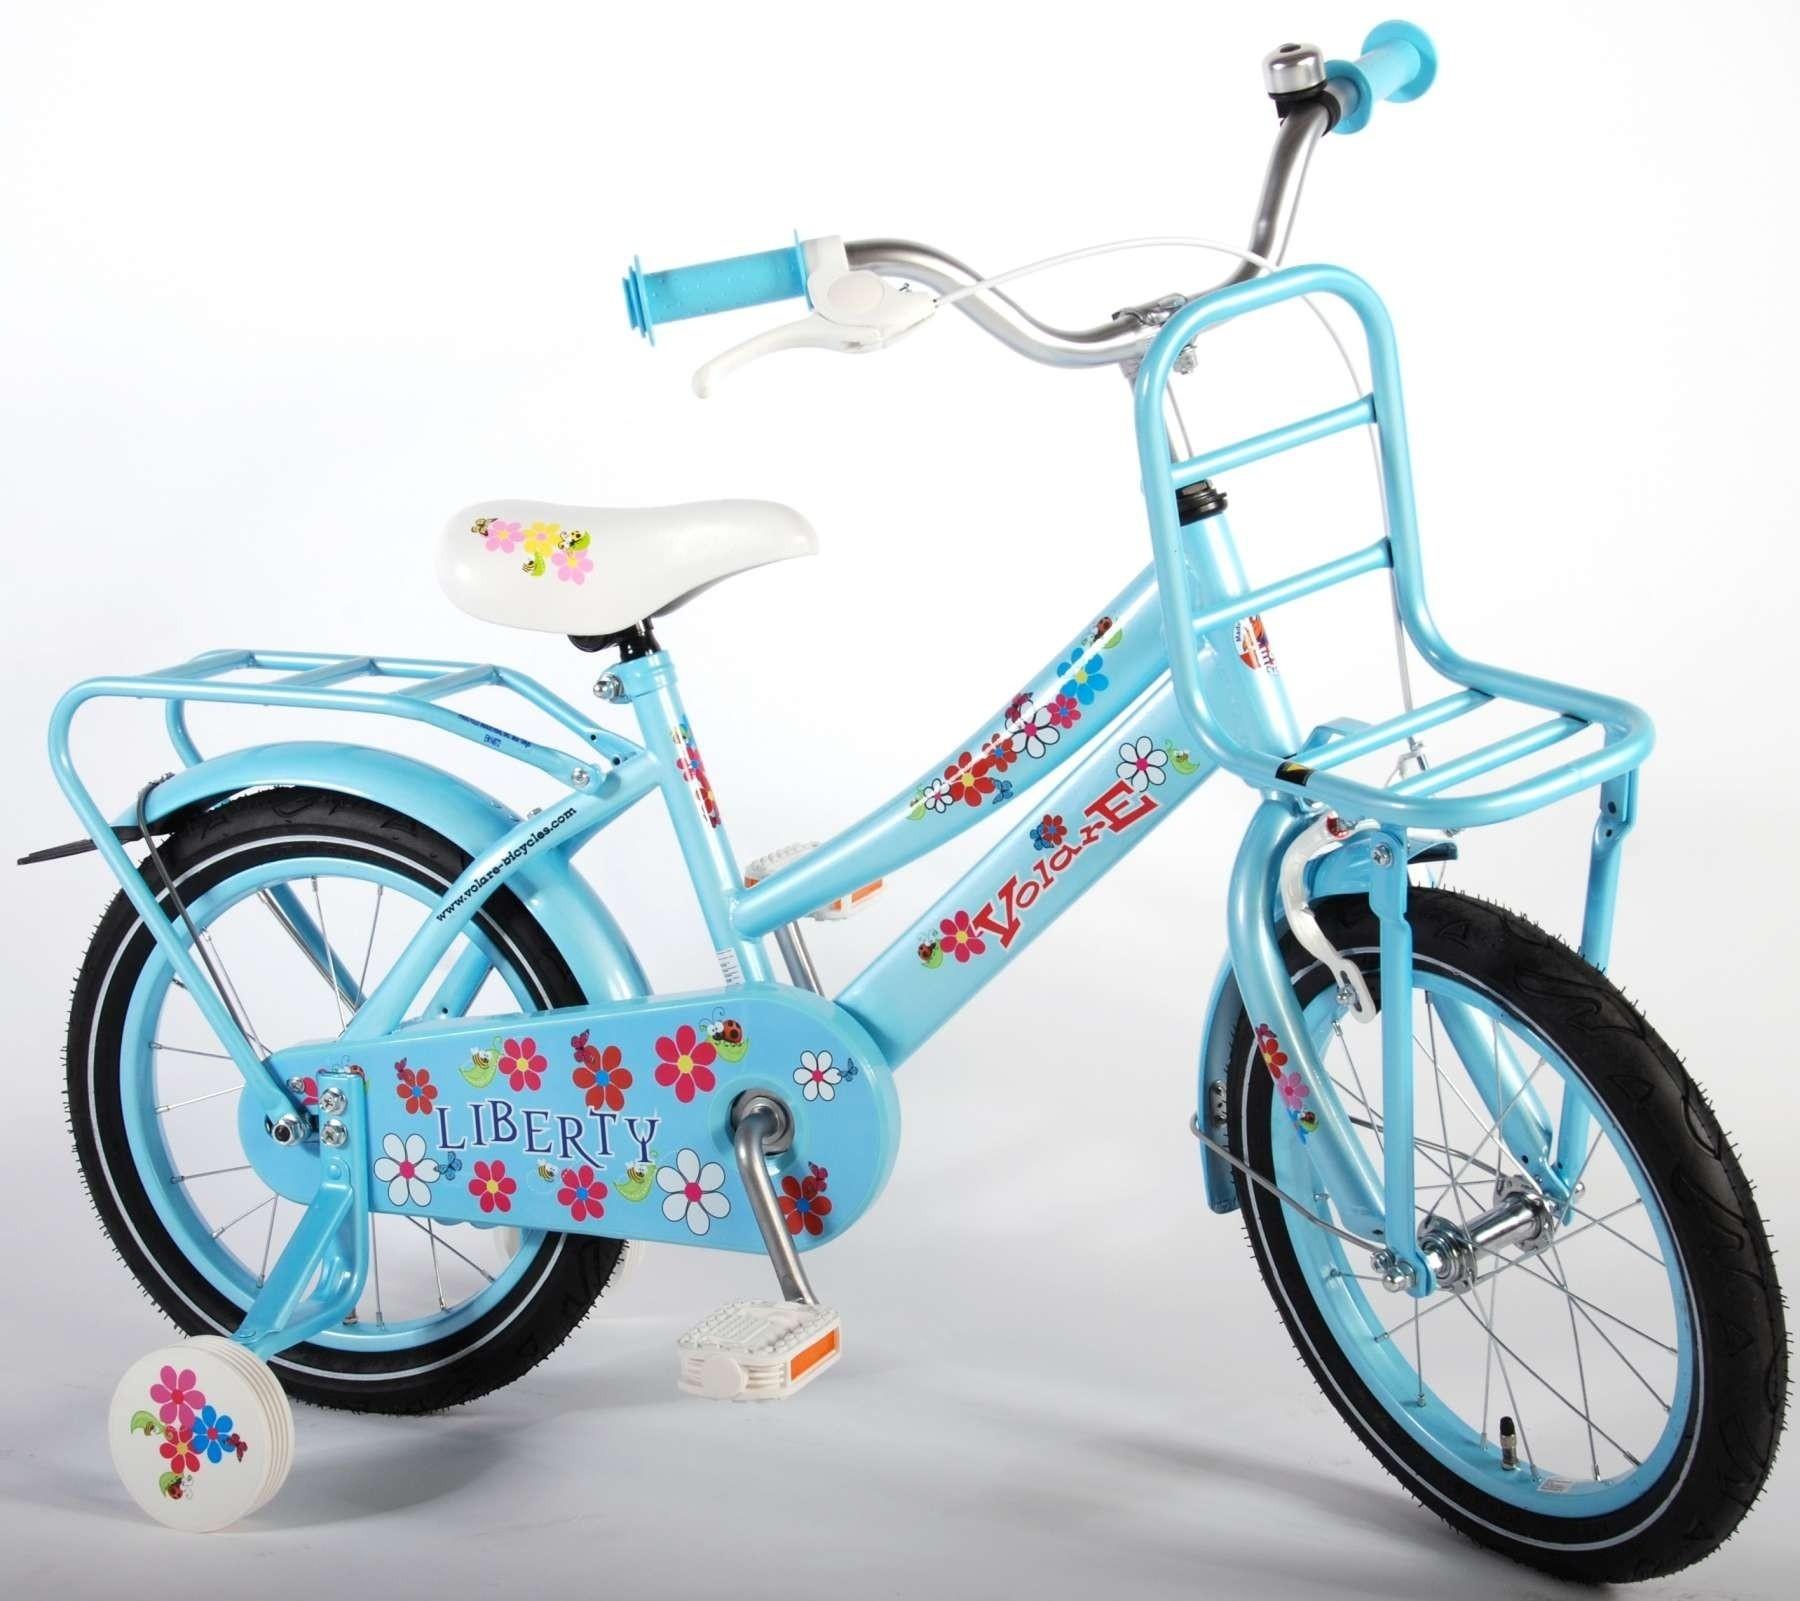 Volare Liberty Urban Flowerie Ice blue 16 inch meisjesfiets 61610